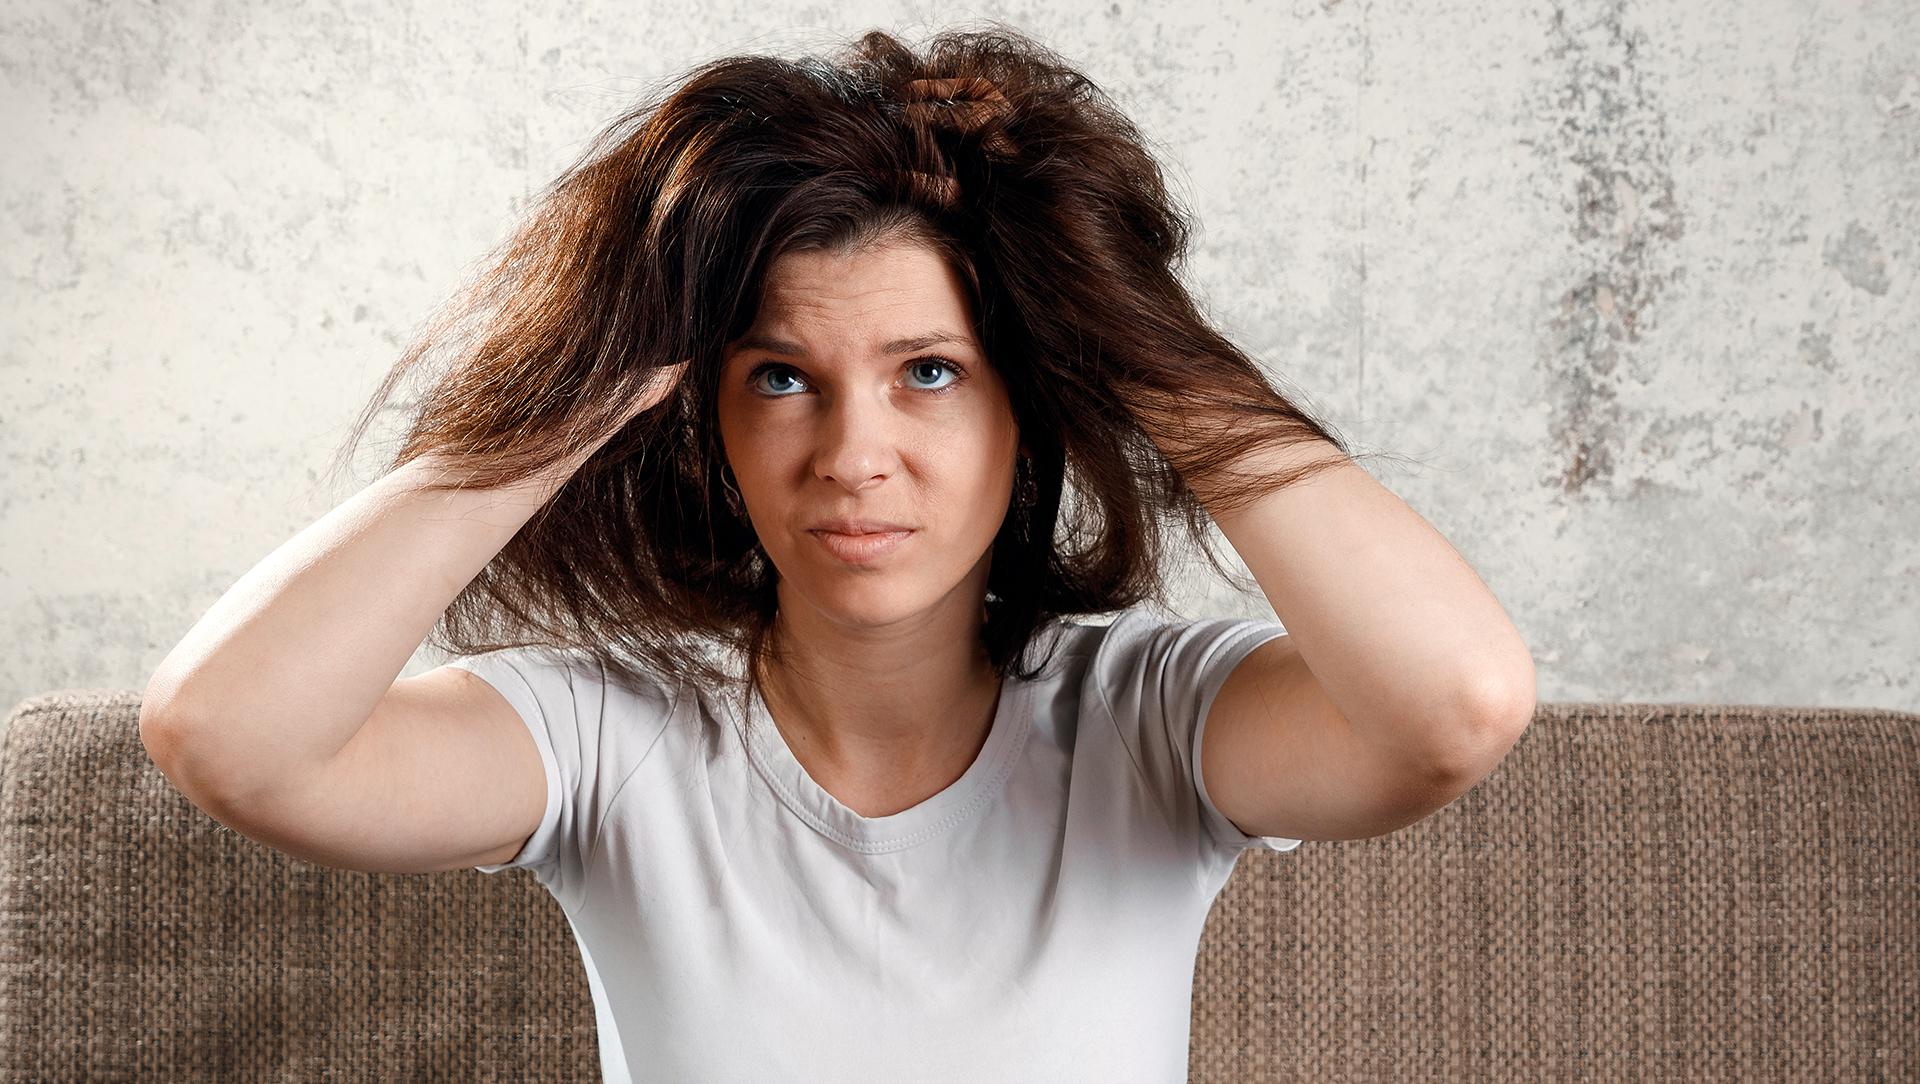 Temps-de-pause-salon-coiffure-Maroilles-Professionnel